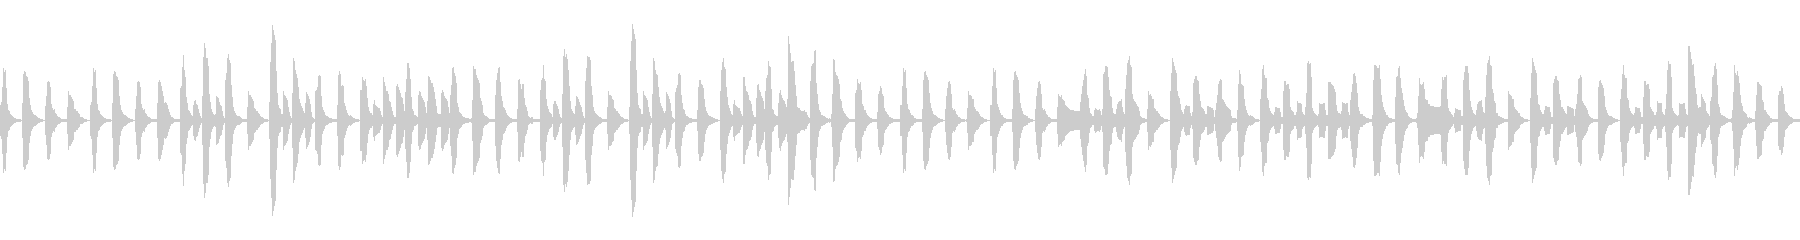 ピアノと管楽器ののんびりマーチの未再生の波形